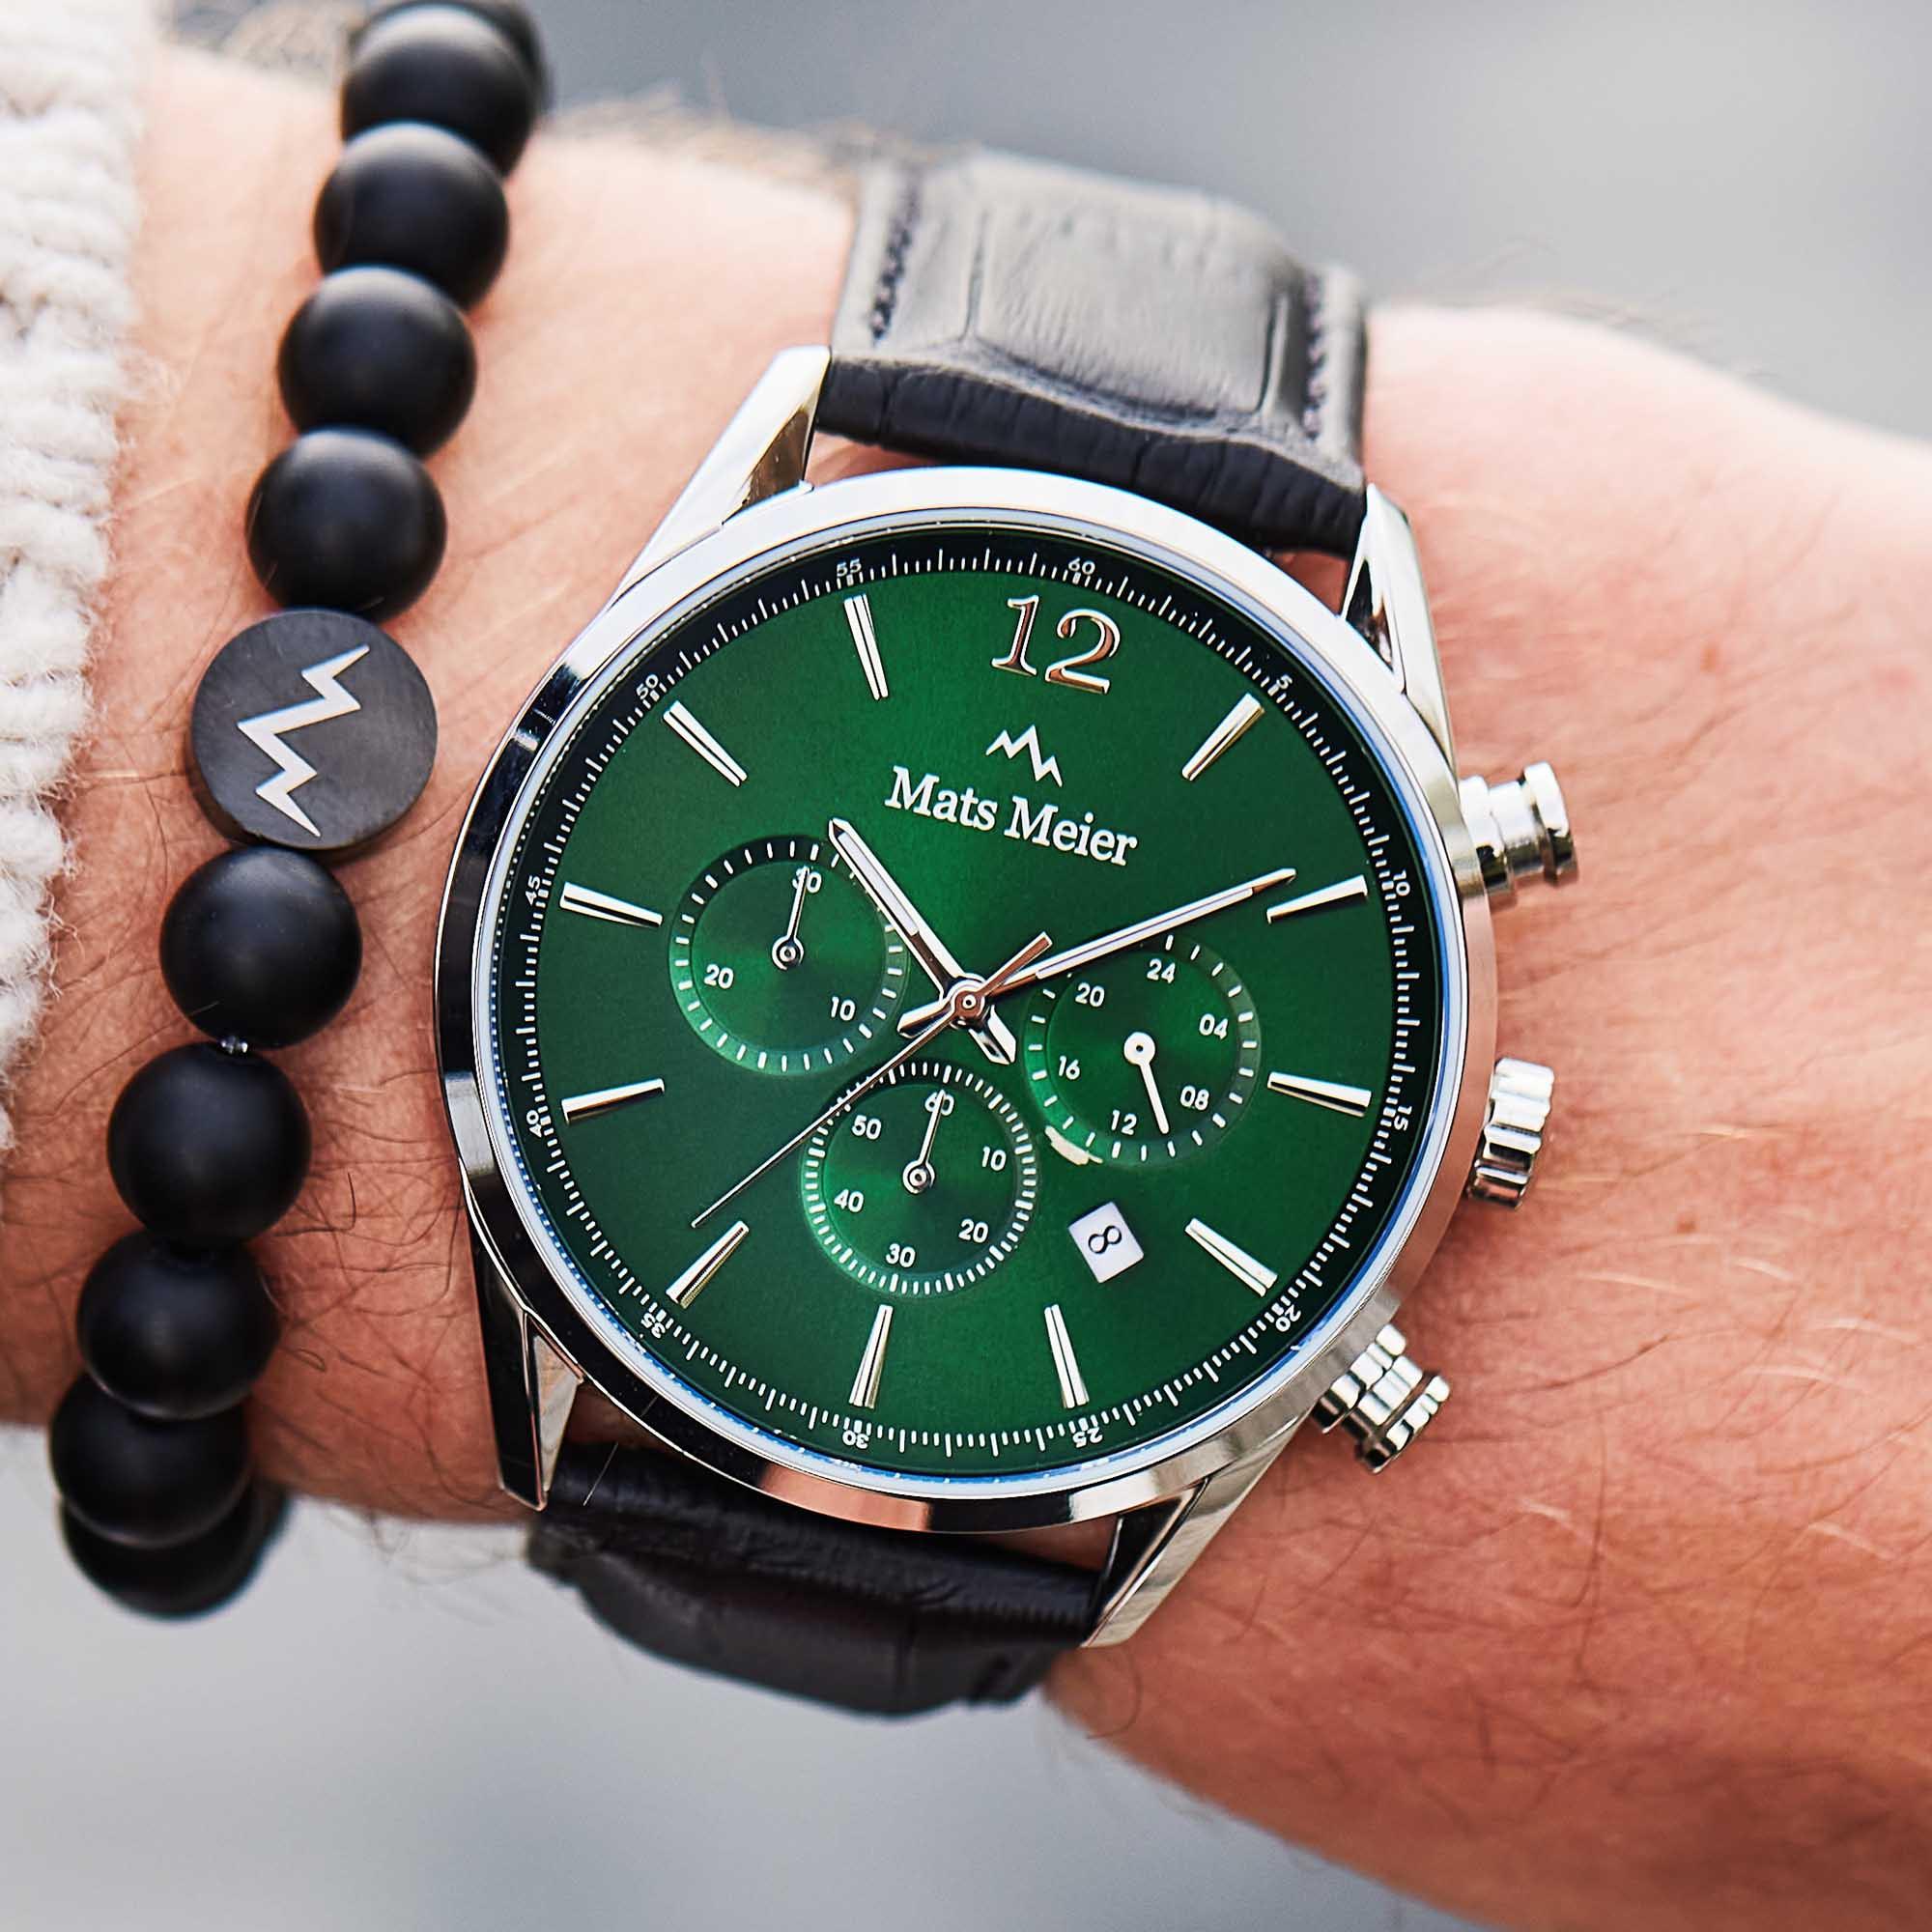 Mats Meier Grand Cornier Groen/Zwart Chrono horloge MM00128